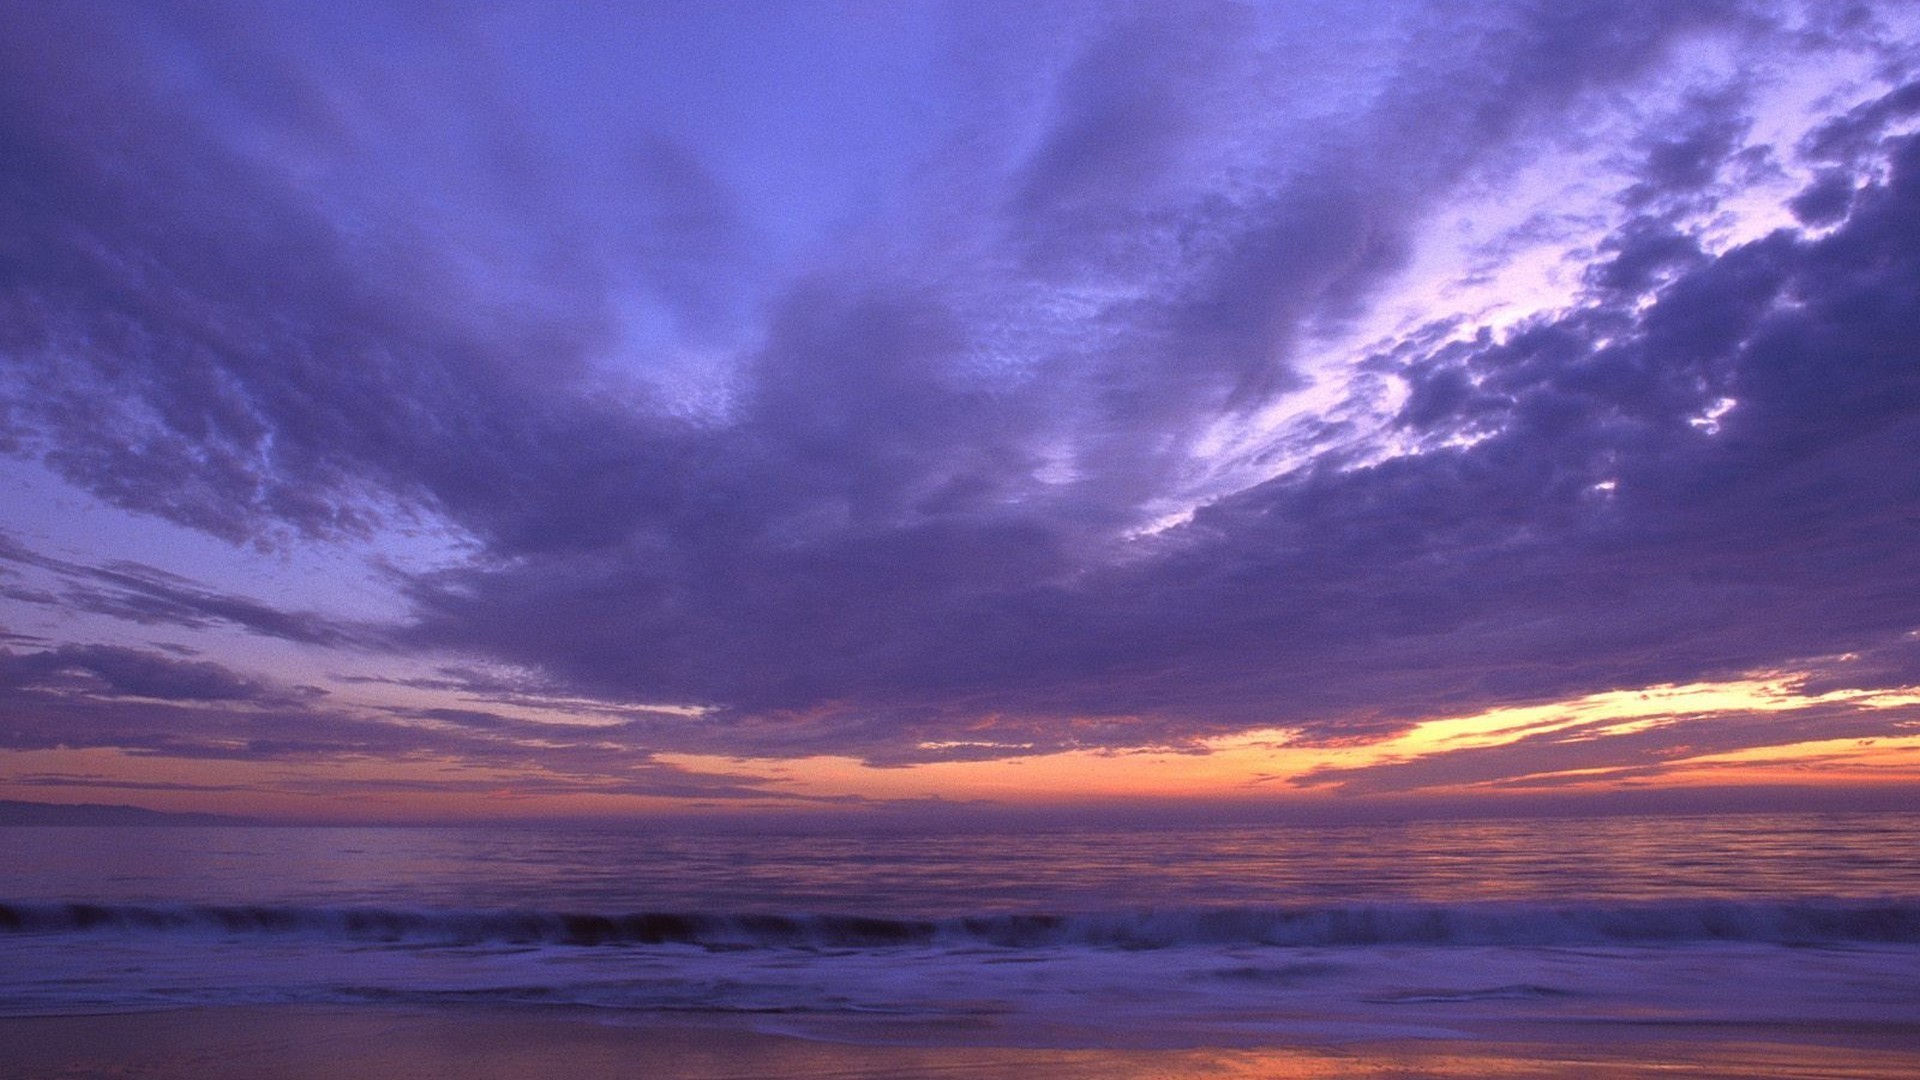 Beach California Wallpaper 1920x1080 Beach California Santa 1920x1080